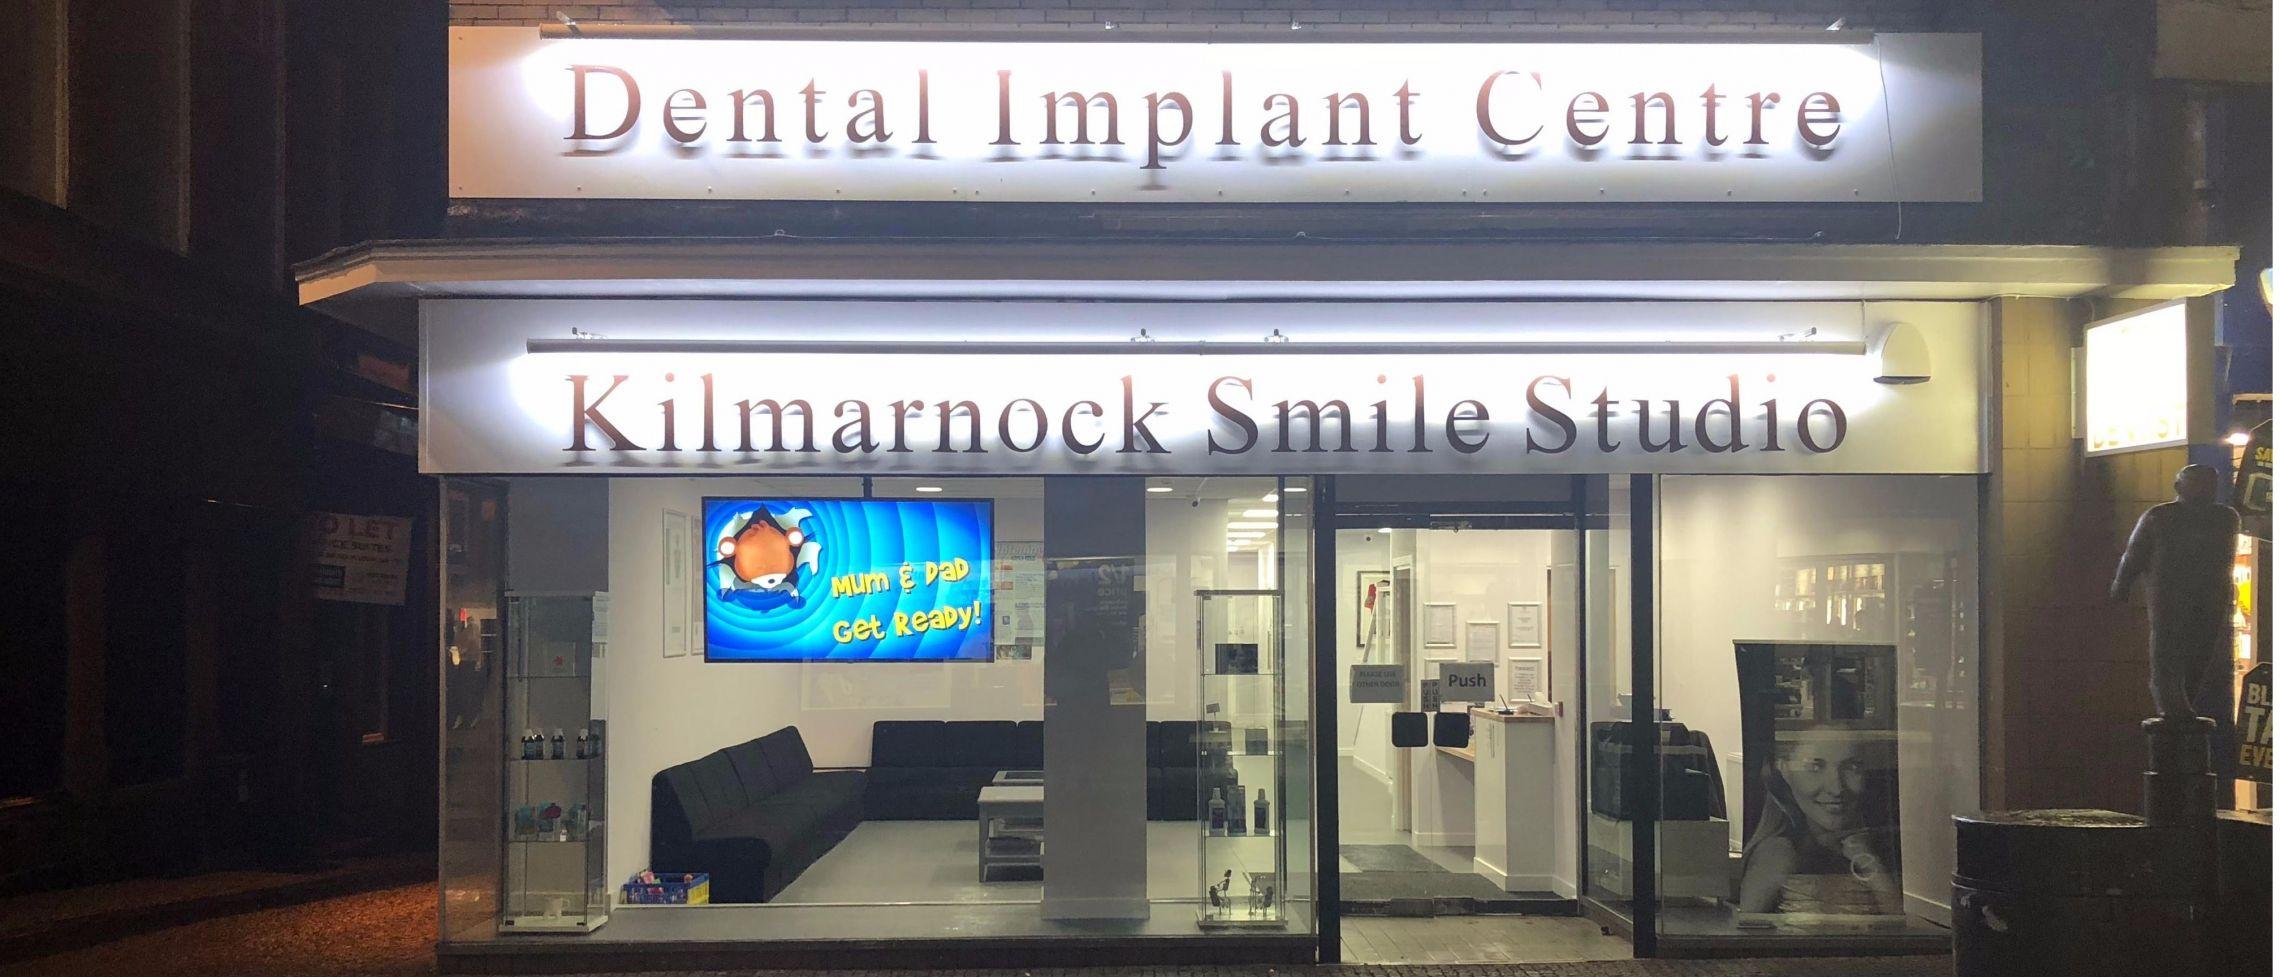 Kilmarnock Smile Studio and Dental Implant Centre